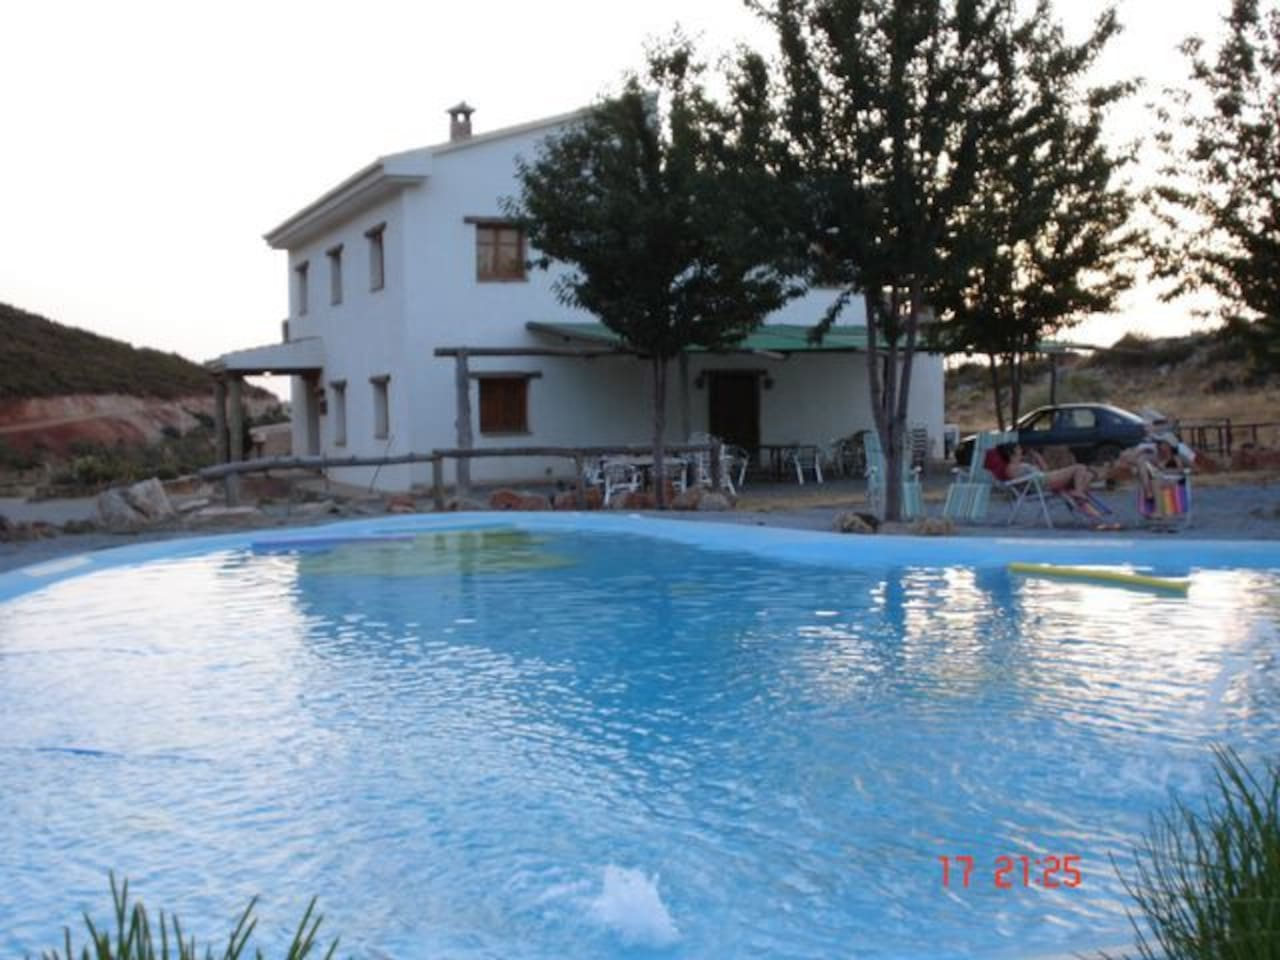 Casa Rural, turismo rural en Sierra Nevada, a 22 km de Granada y la Alhambra, reserva habitación desayuno